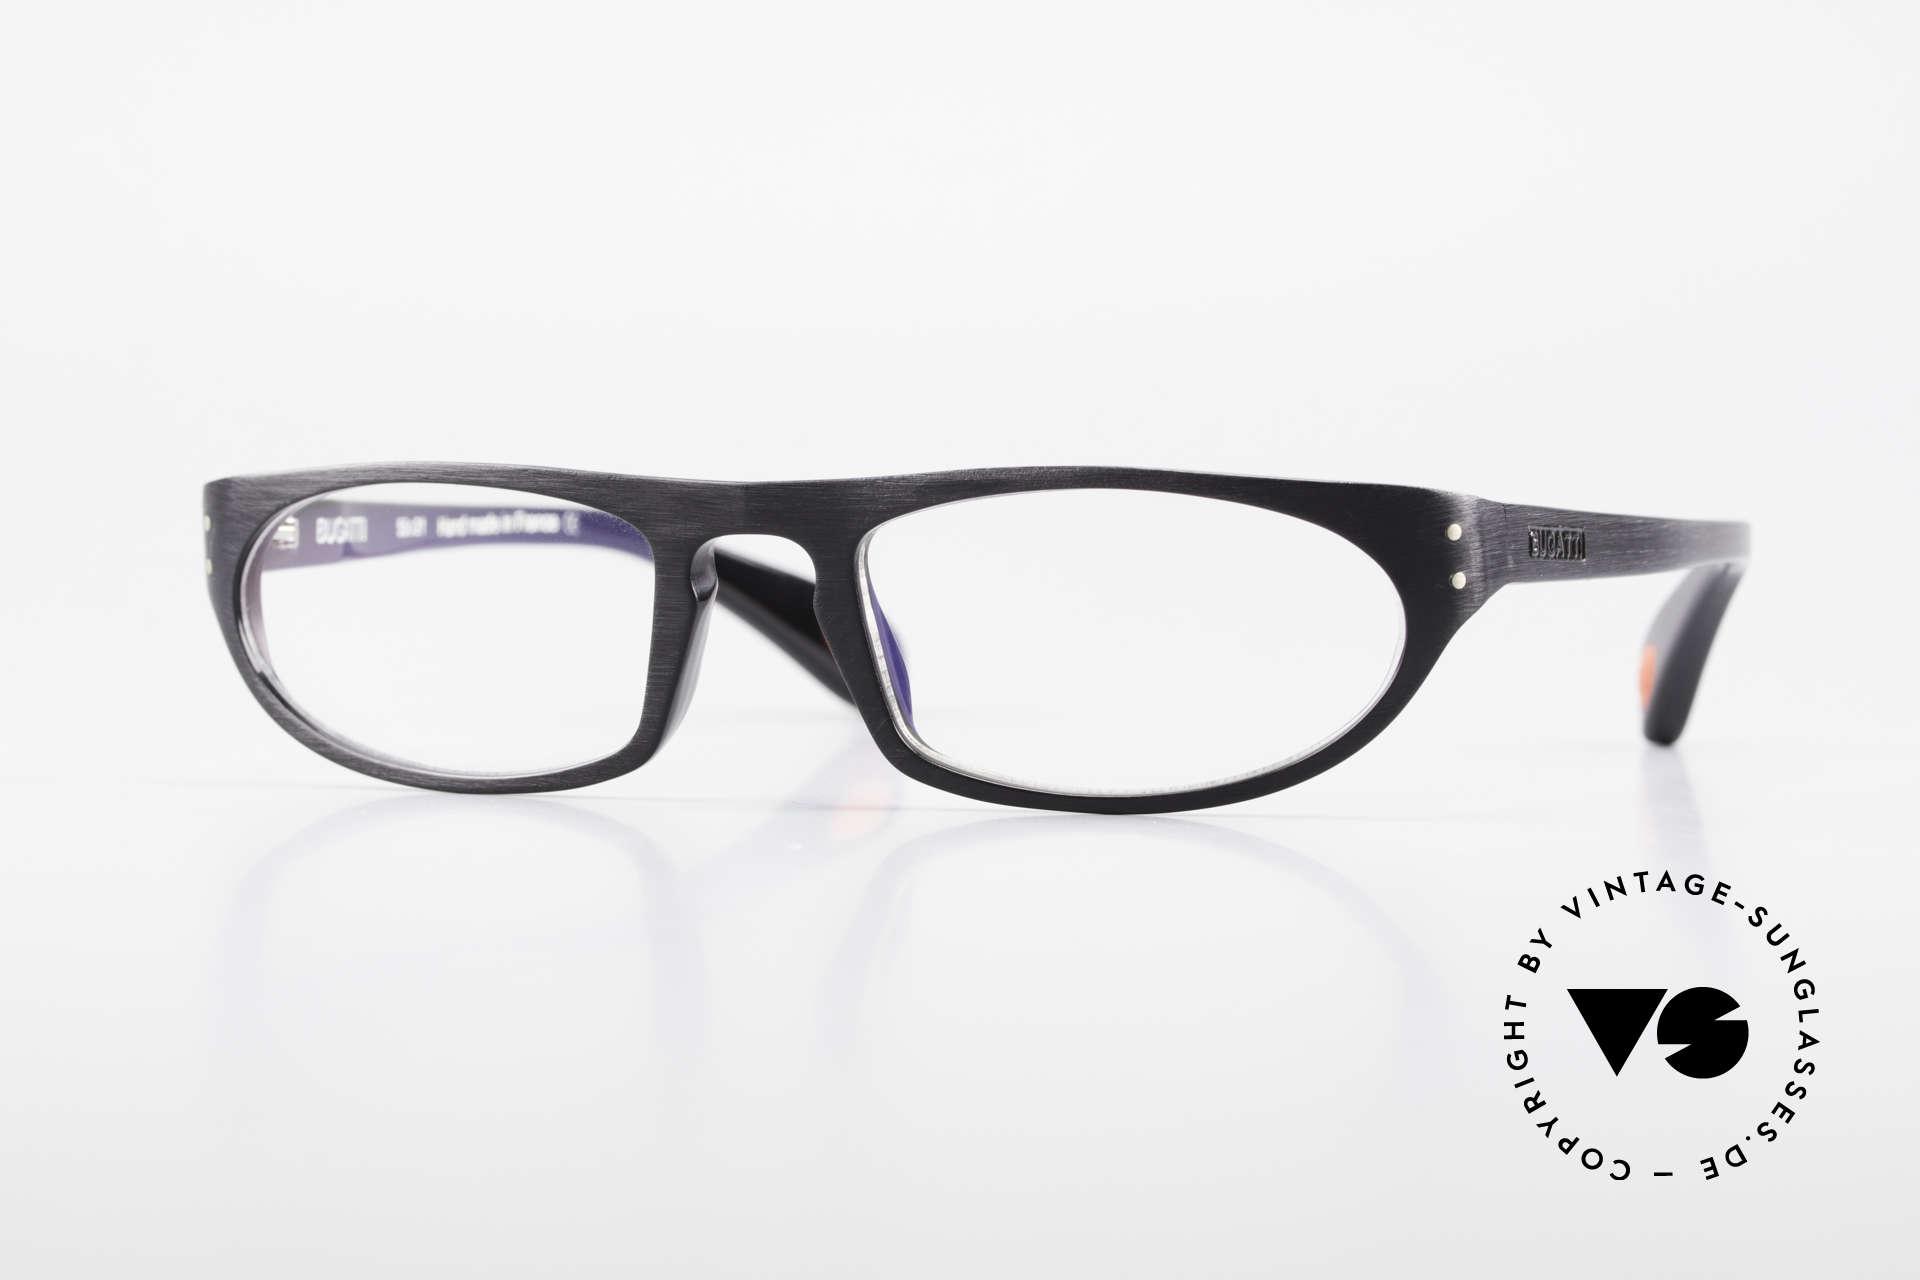 Bugatti 432 Vintage Brille Klassisch Men, markante Herren-Brillenfassung von BUGATTI, Passend für Herren